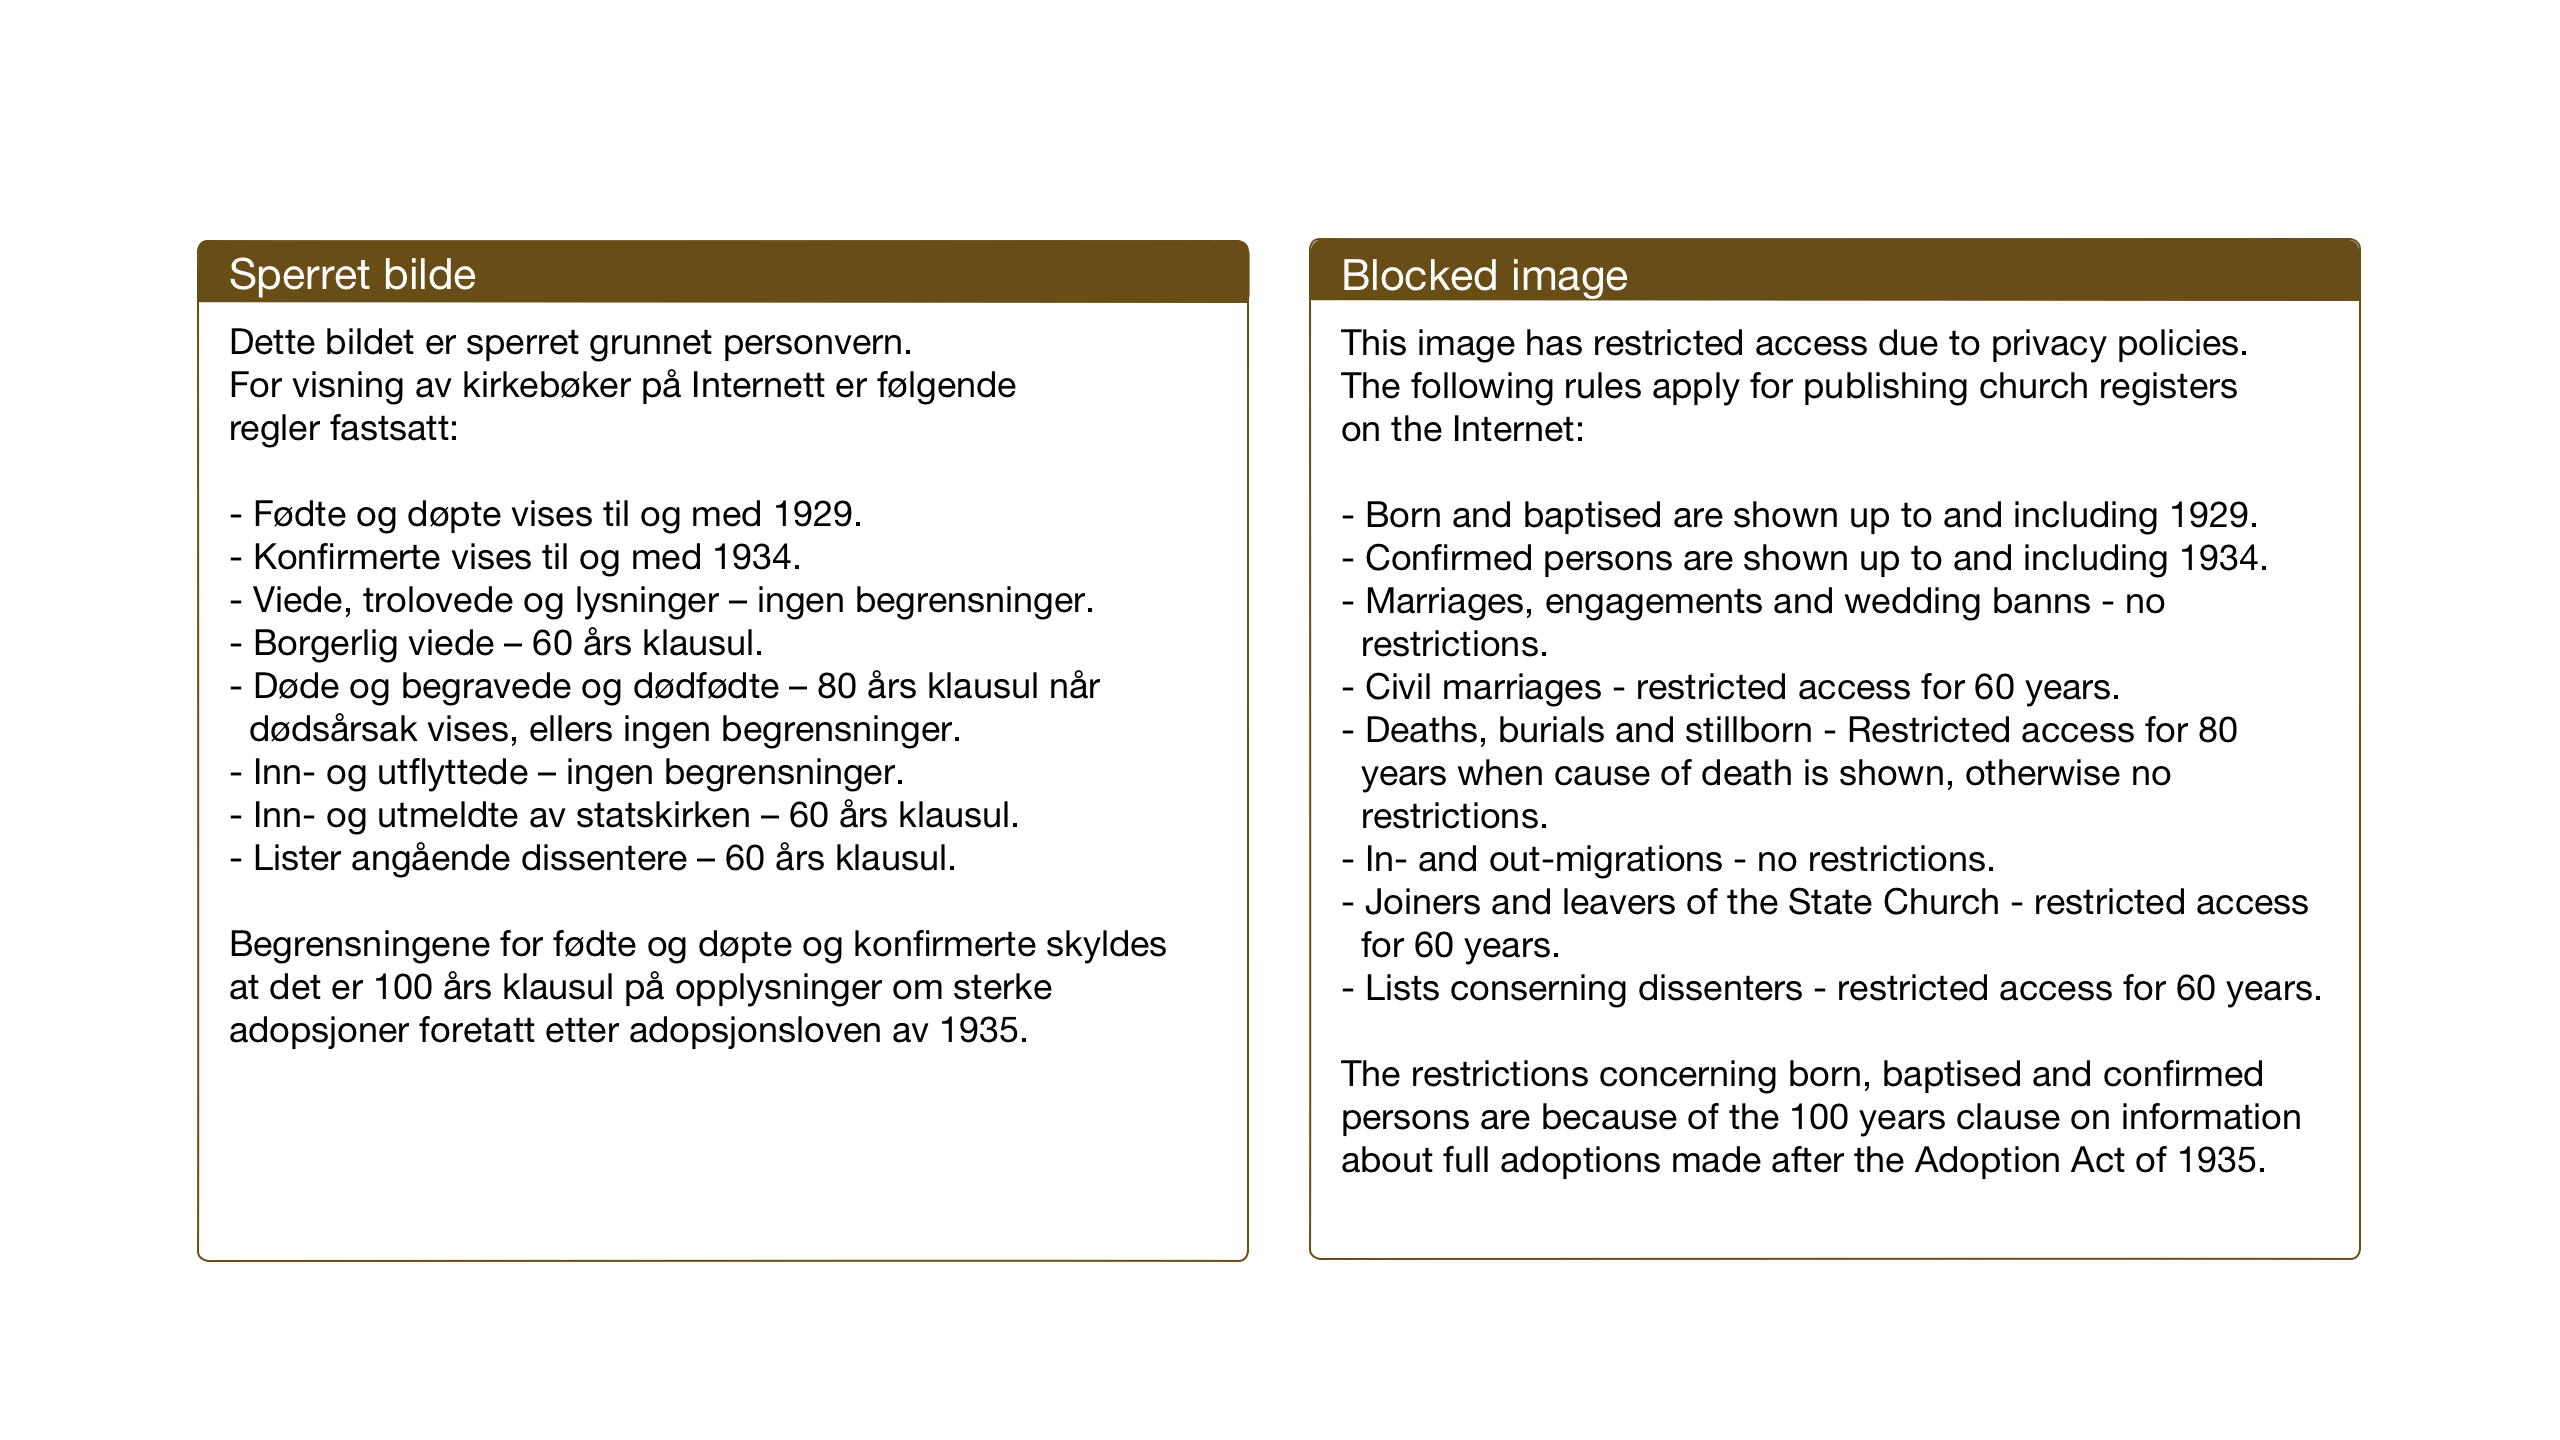 SAT, Ministerialprotokoller, klokkerbøker og fødselsregistre - Sør-Trøndelag, 633/L0521: Klokkerbok nr. 633C03, 1921-1941, s. 106